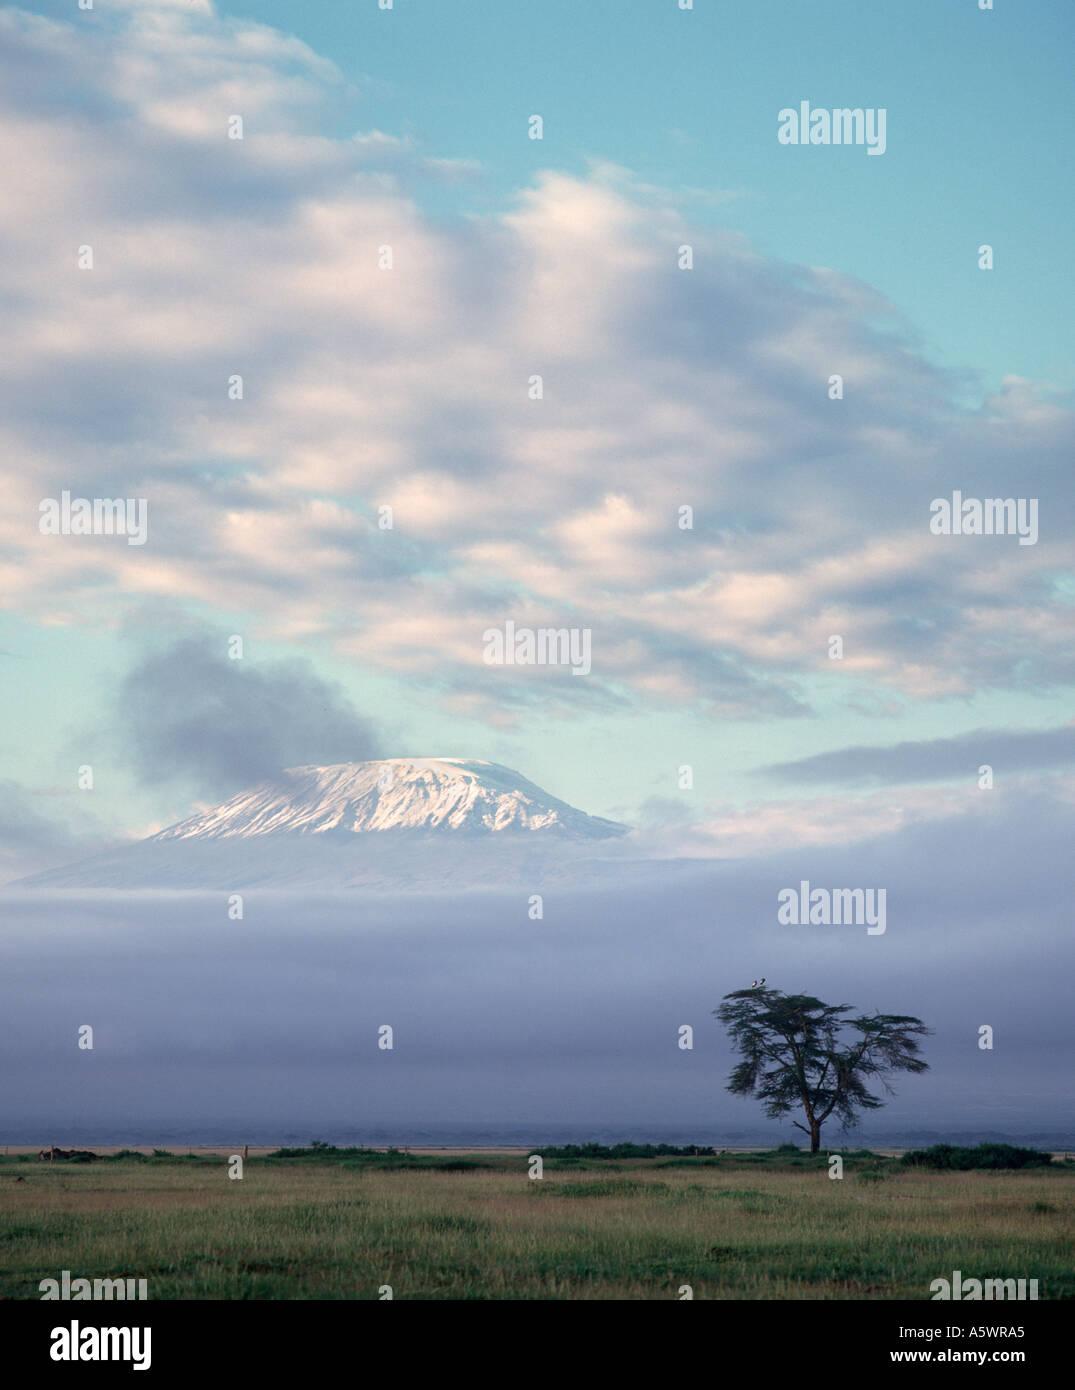 La Snow capped picco del Monte Kilimanjaro all'alba da Amboseli Lodge, Amboseli National Park, Kenya, Africa orientale Immagini Stock